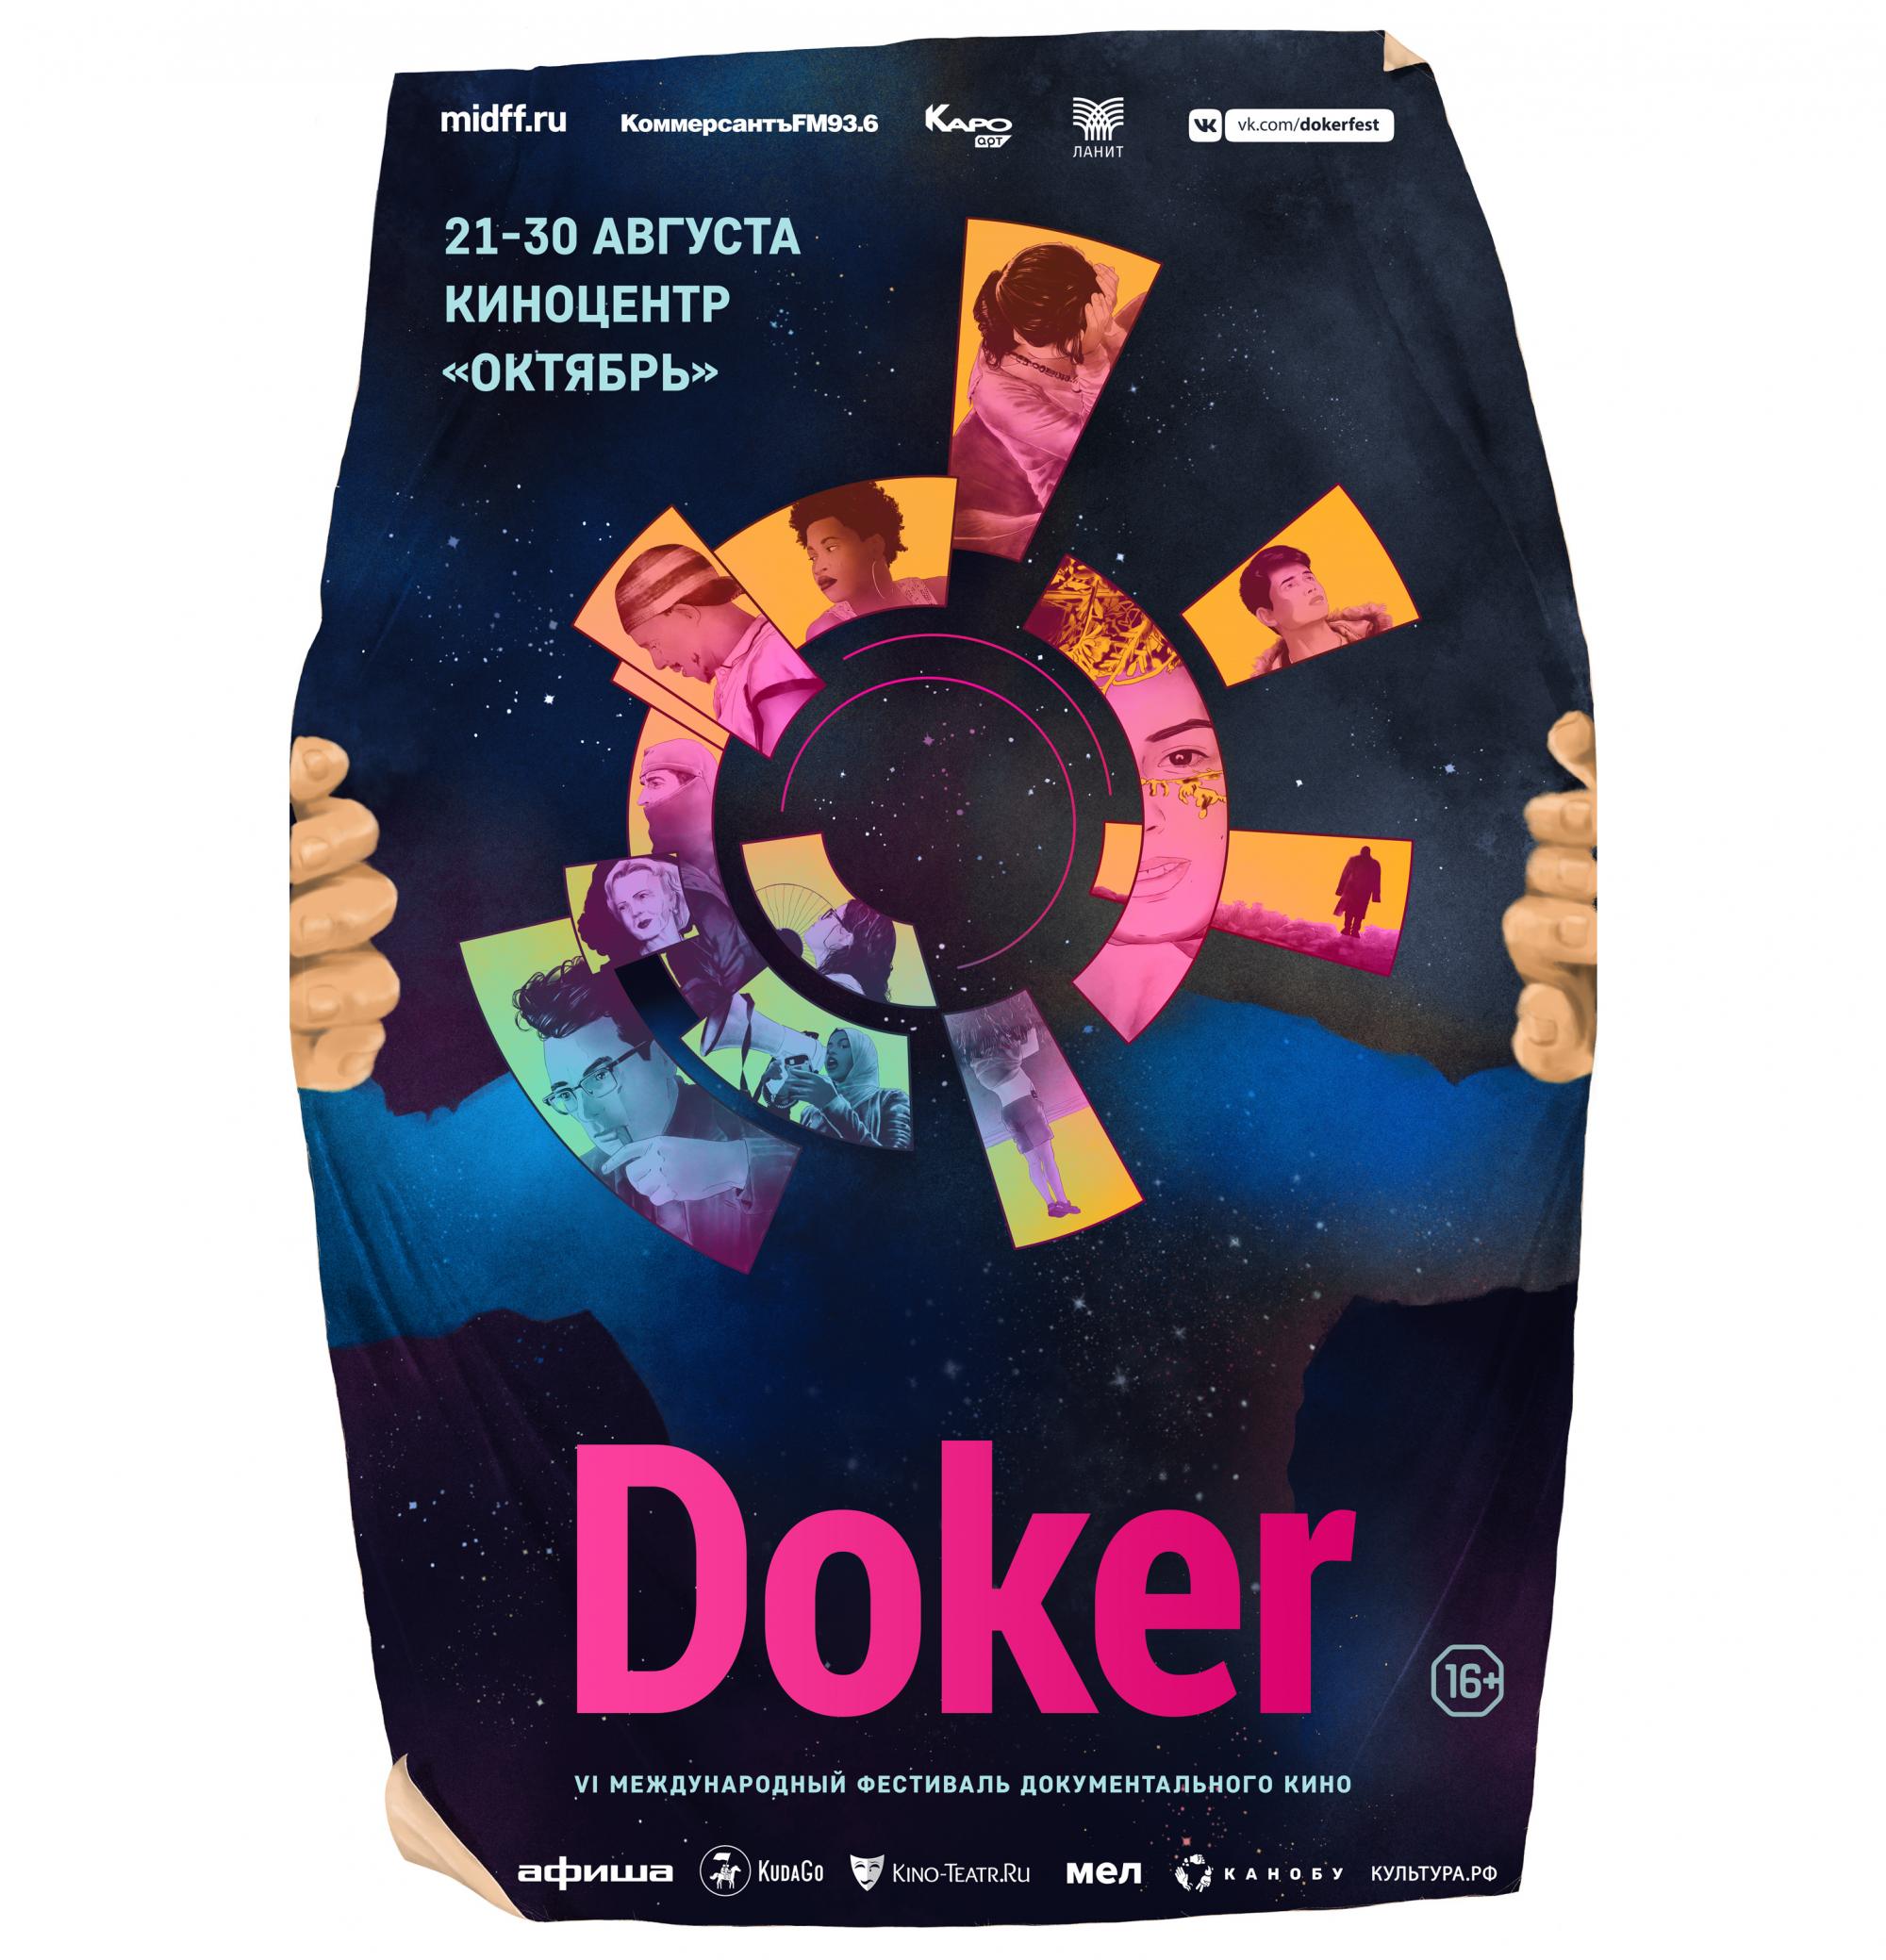 В Москве начинается Международный фестиваль документального кино «Докер»